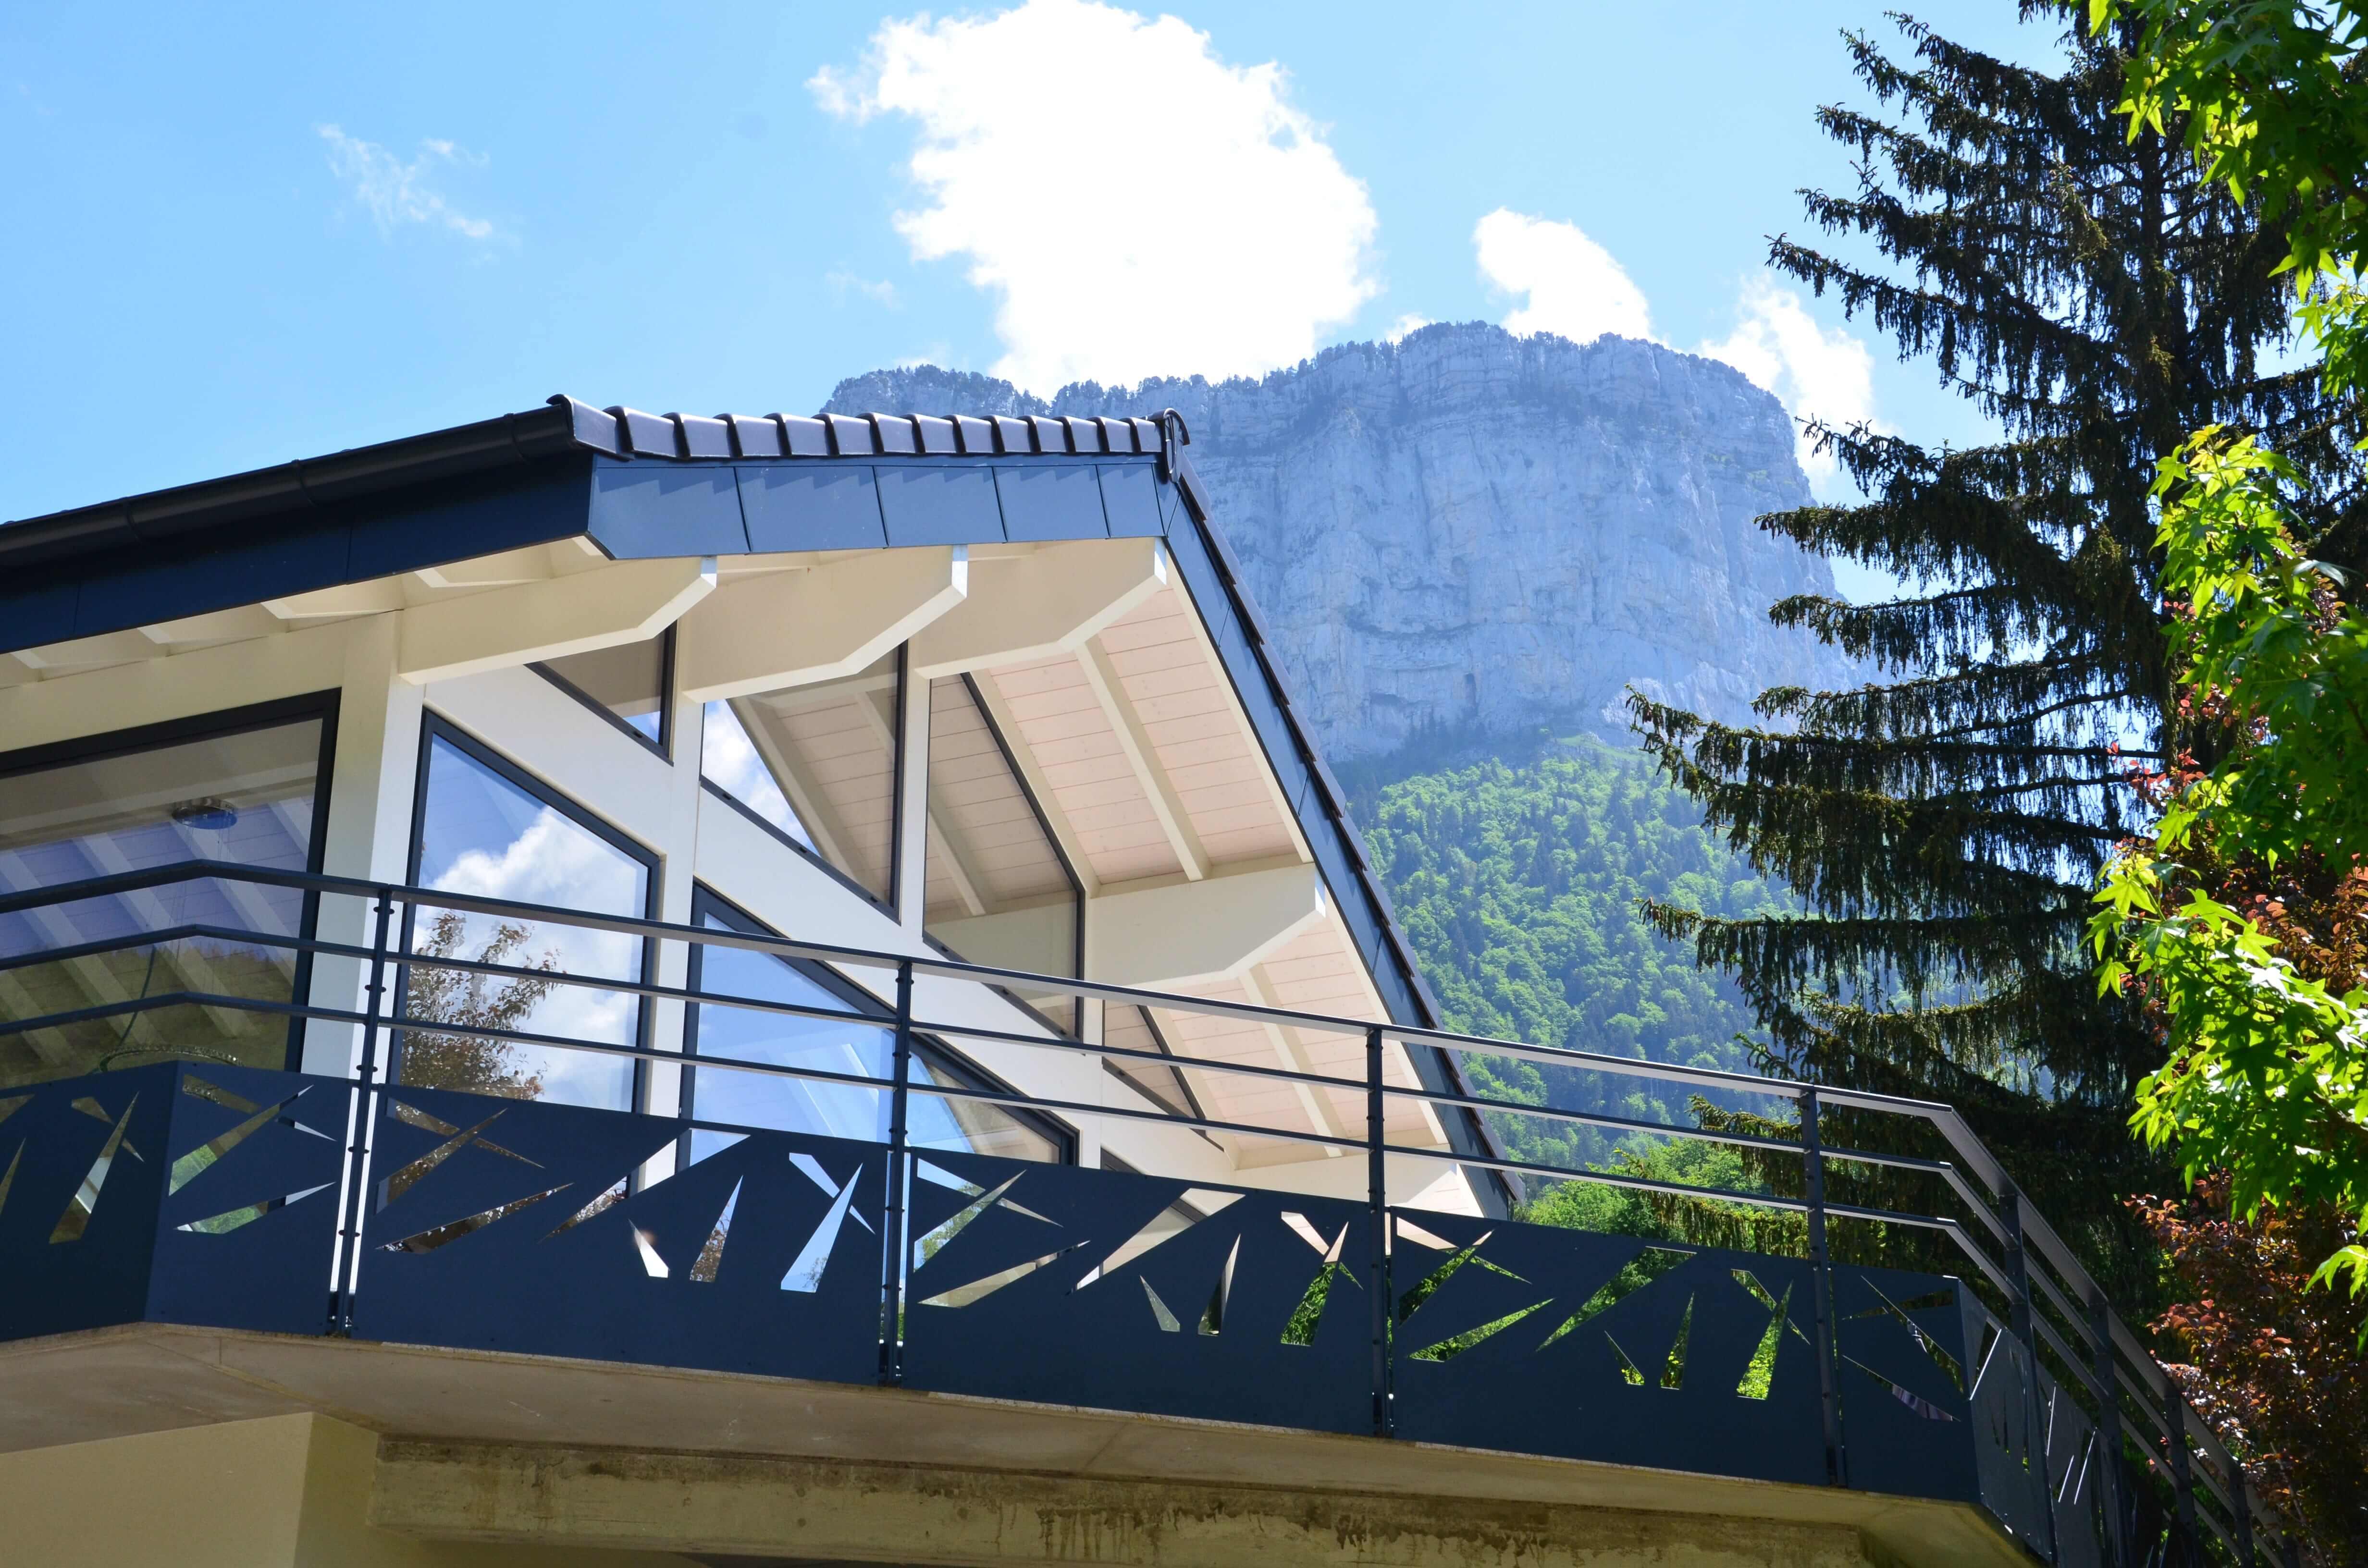 Robi design Métallique Annecy Garde-corps extérieur Diny-St-Clair 7420-min